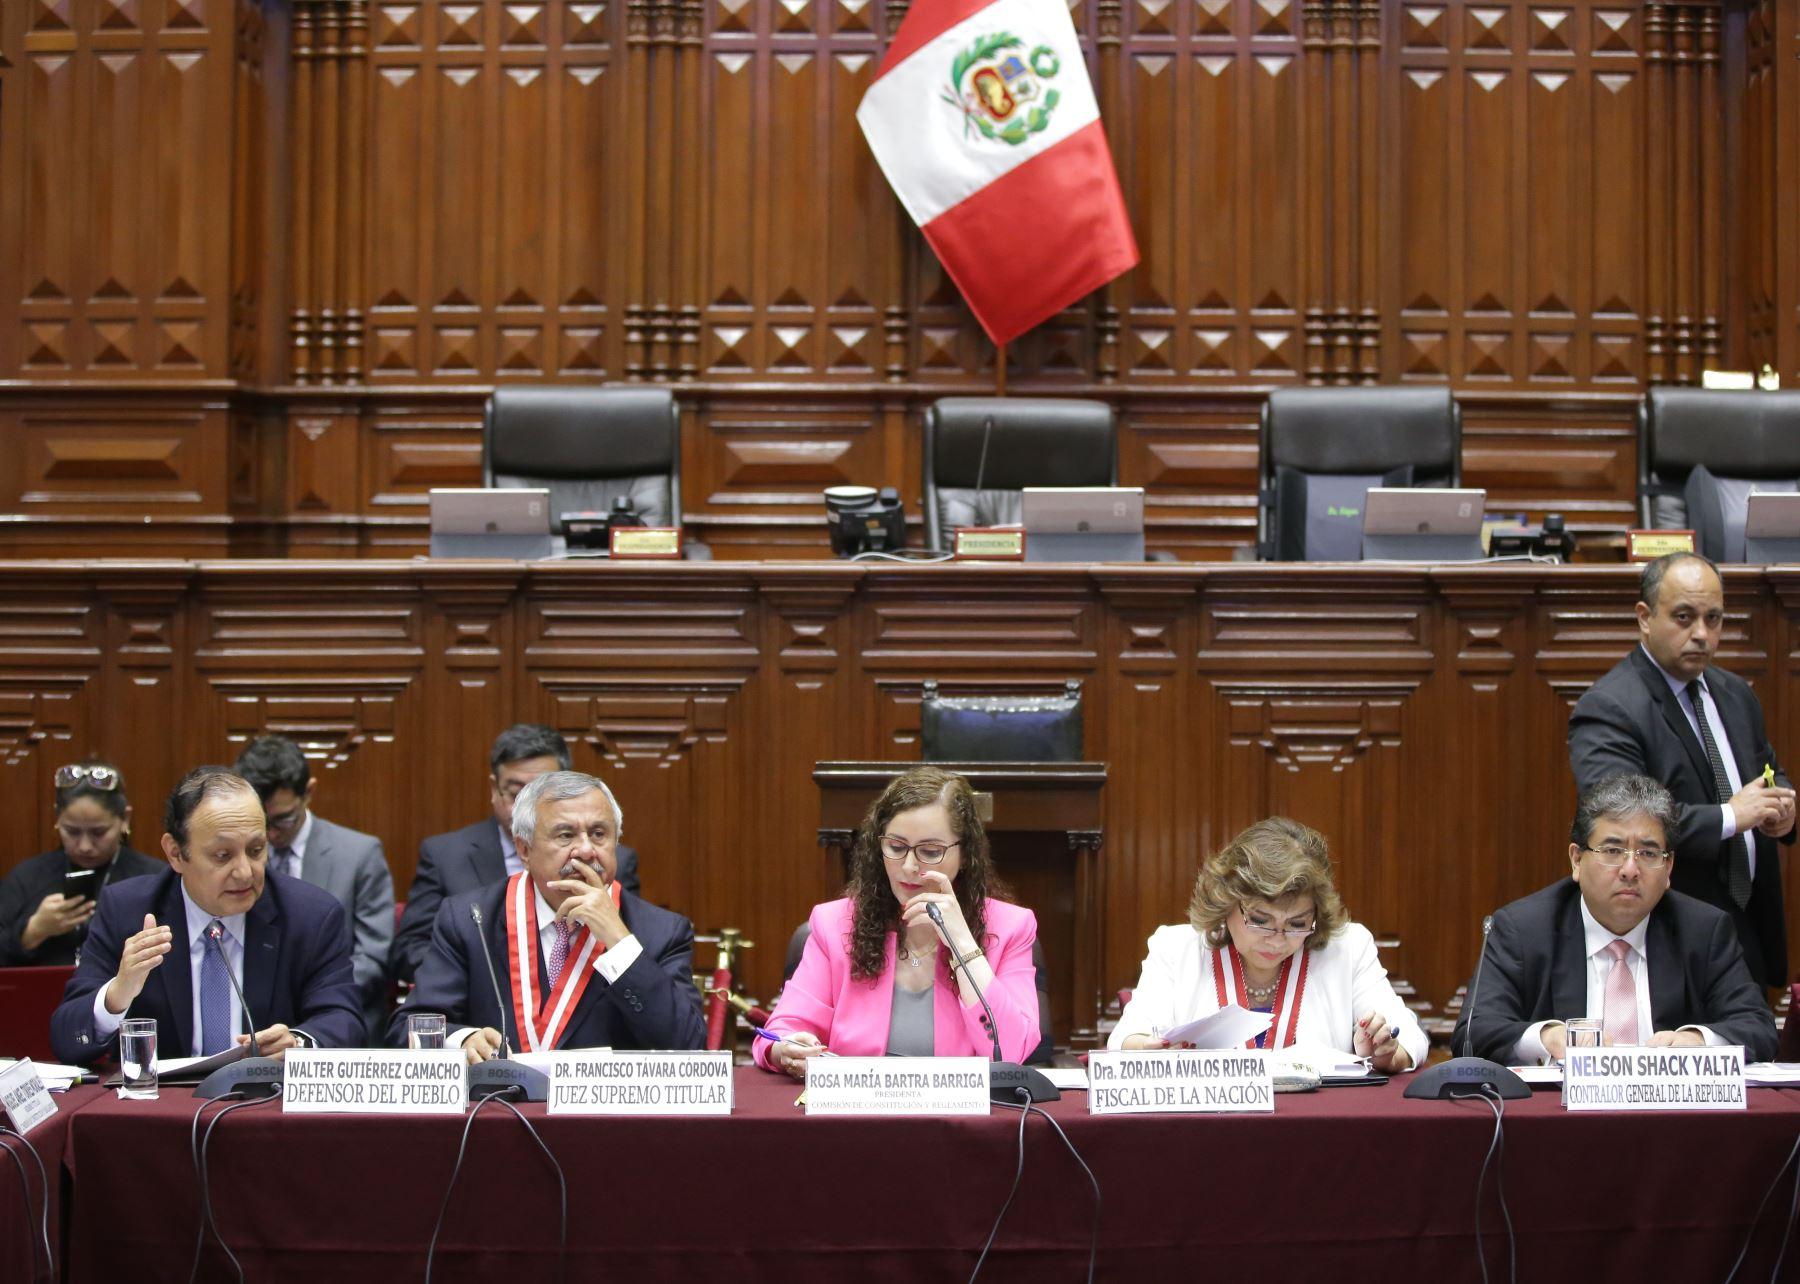 Autoridades se presentaron en la Comisión de Constitución del Congreso.